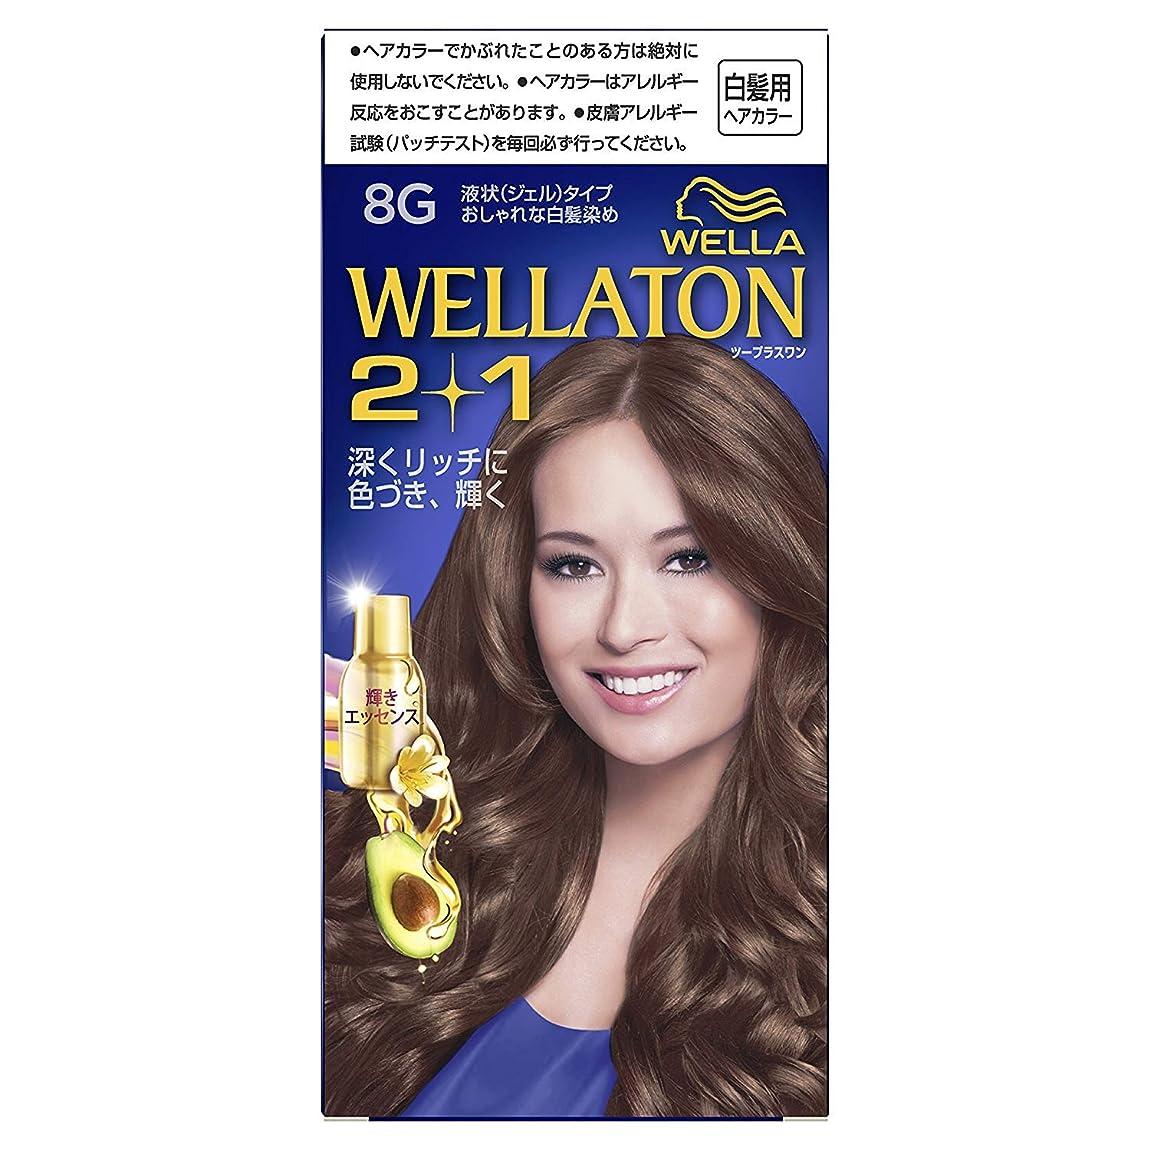 立法他の場所迷惑ウエラトーン2+1 白髪染め 液状タイプ 8G [医薬部外品] ×6個